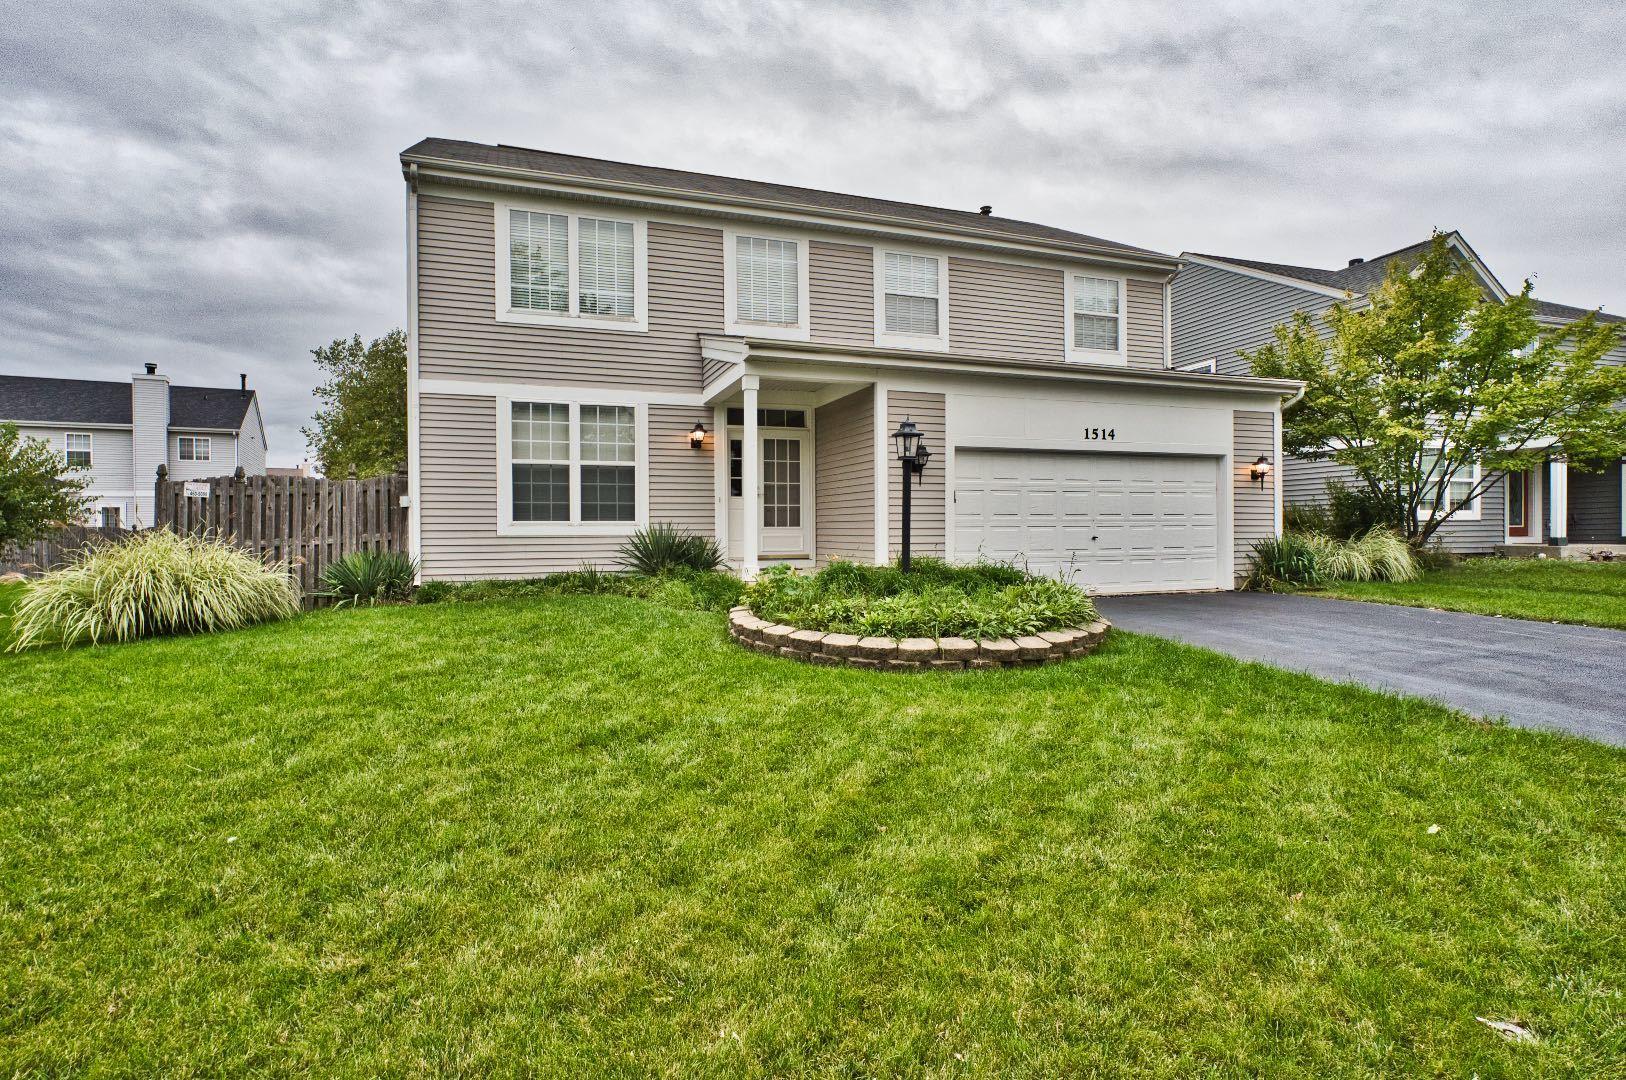 1514 Millstone Lane, Gurnee, Illinois